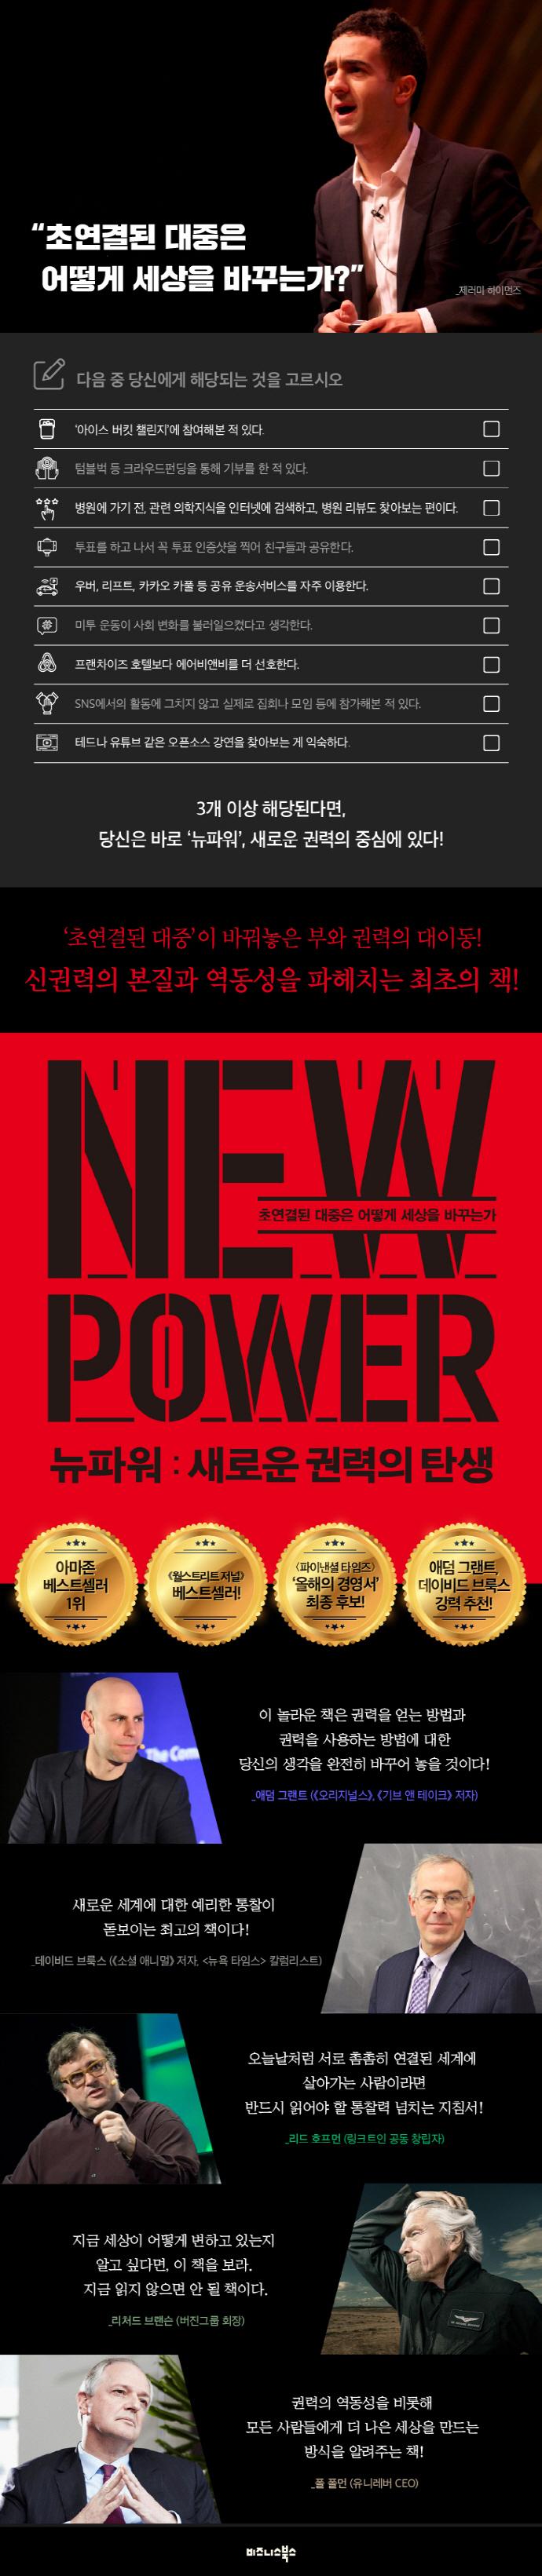 뉴파워: 새로운 권력의 탄생 도서 상세이미지